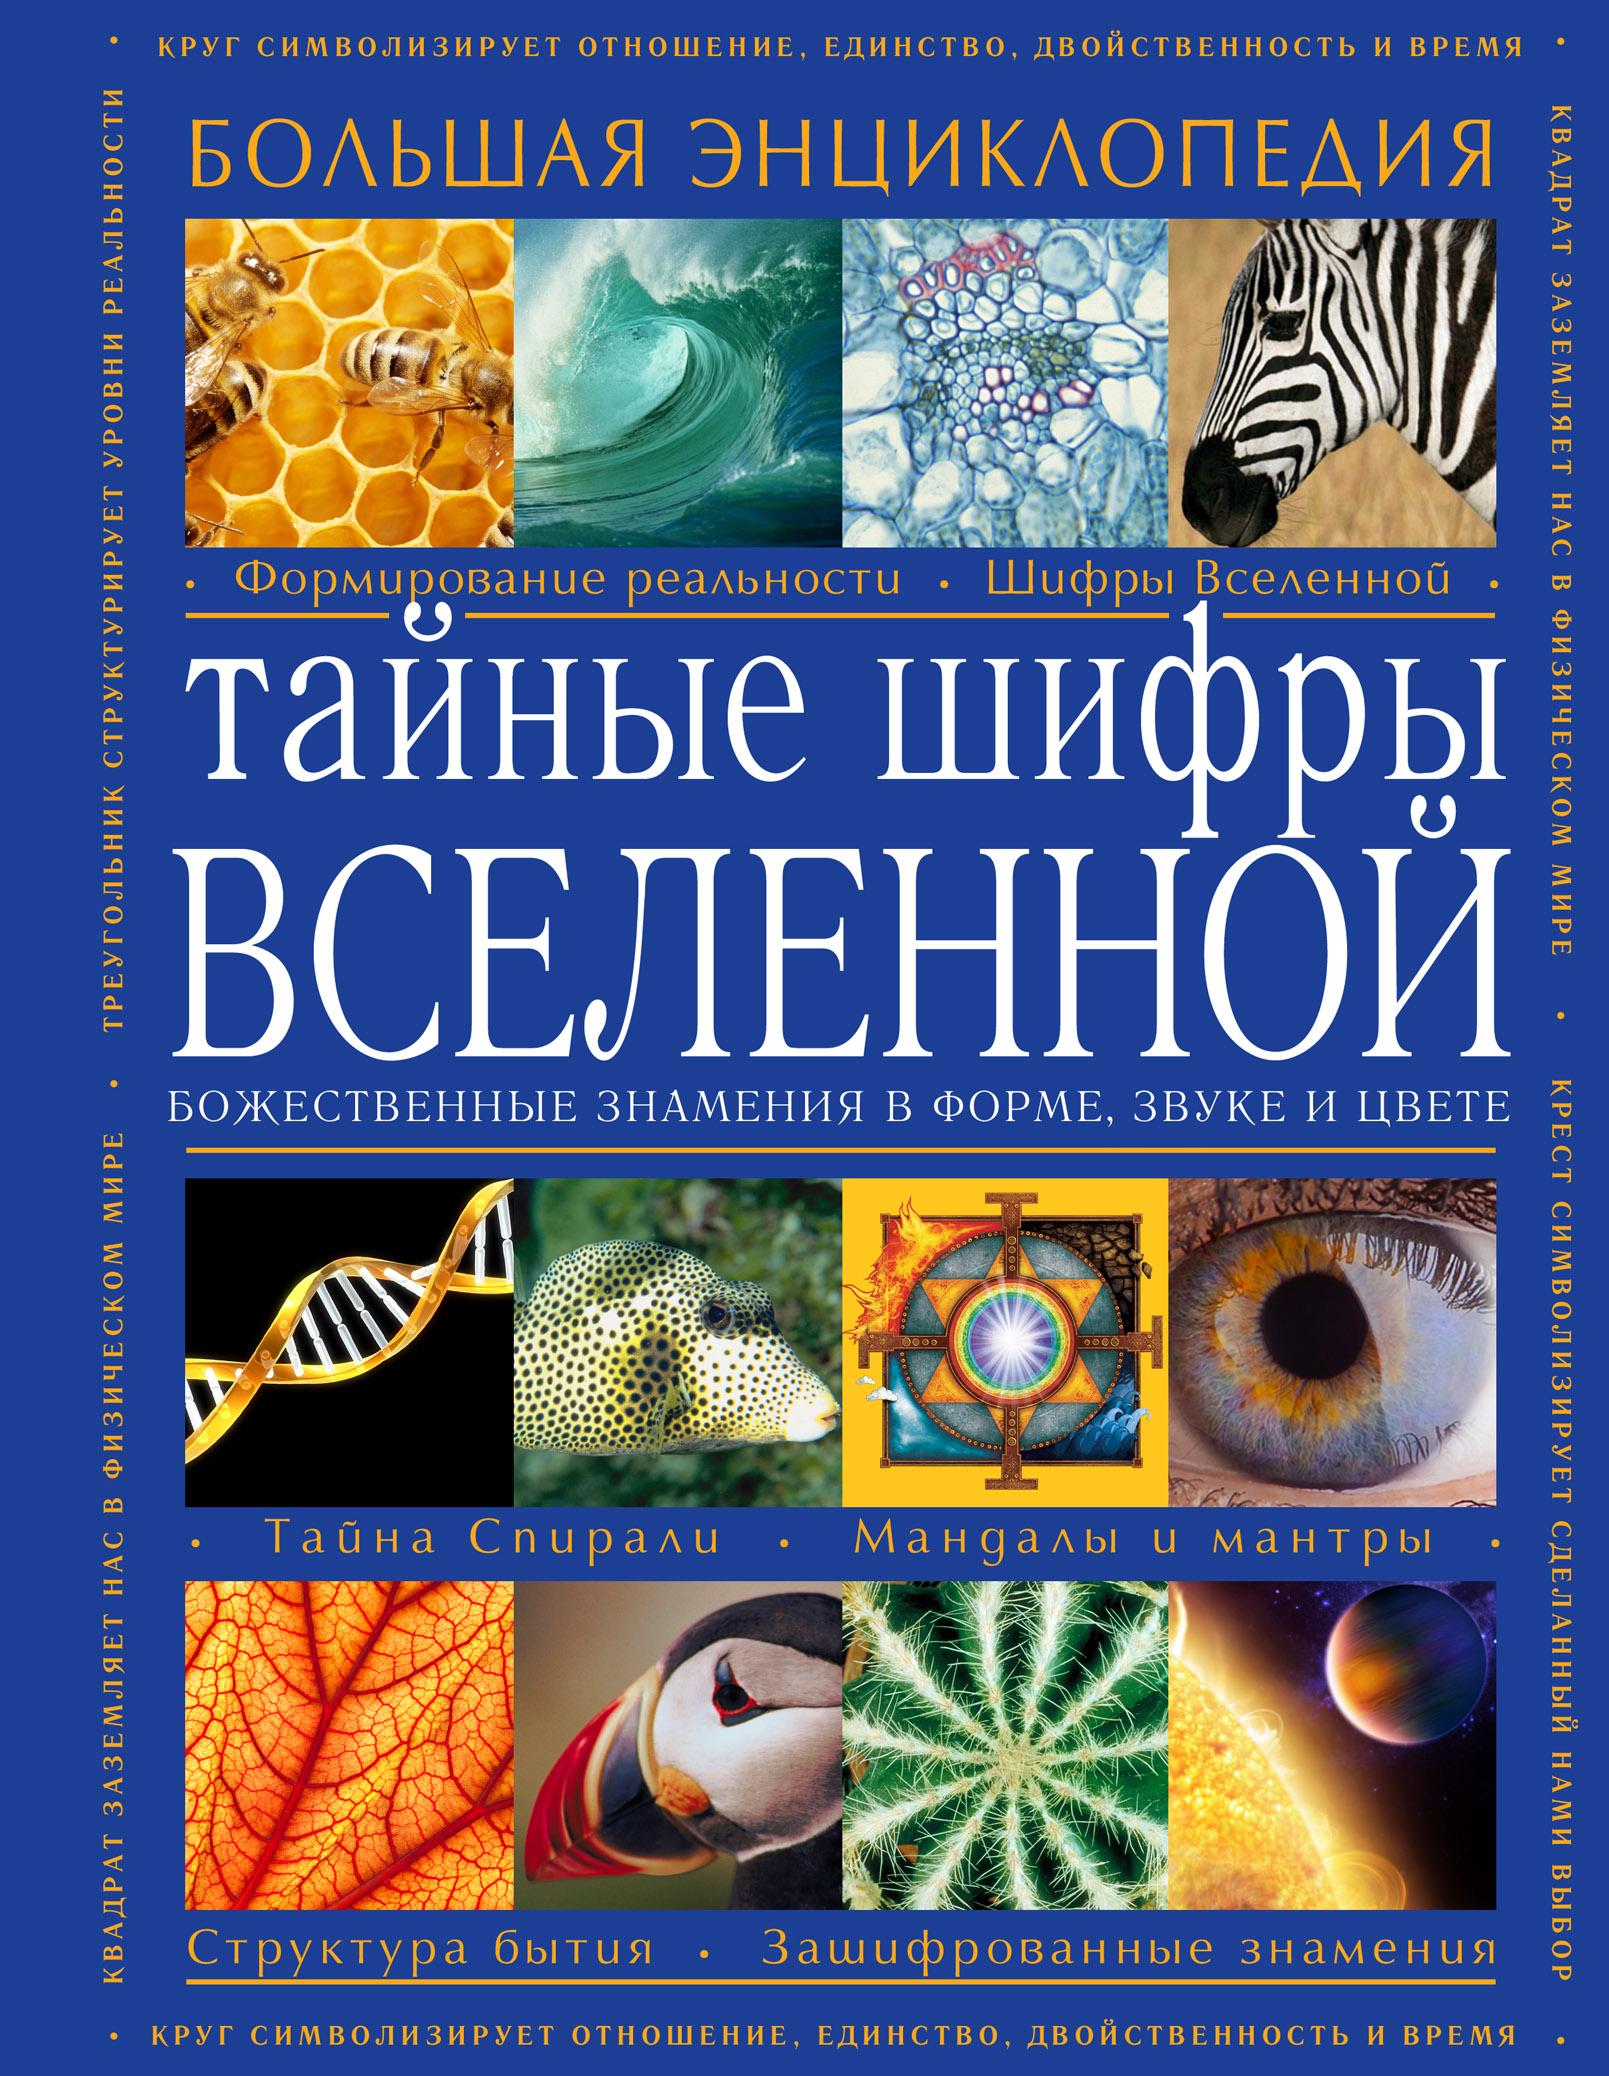 Тайные шифры вселенной. Божественные знамения в форме, звуке и цвете от book24.ru